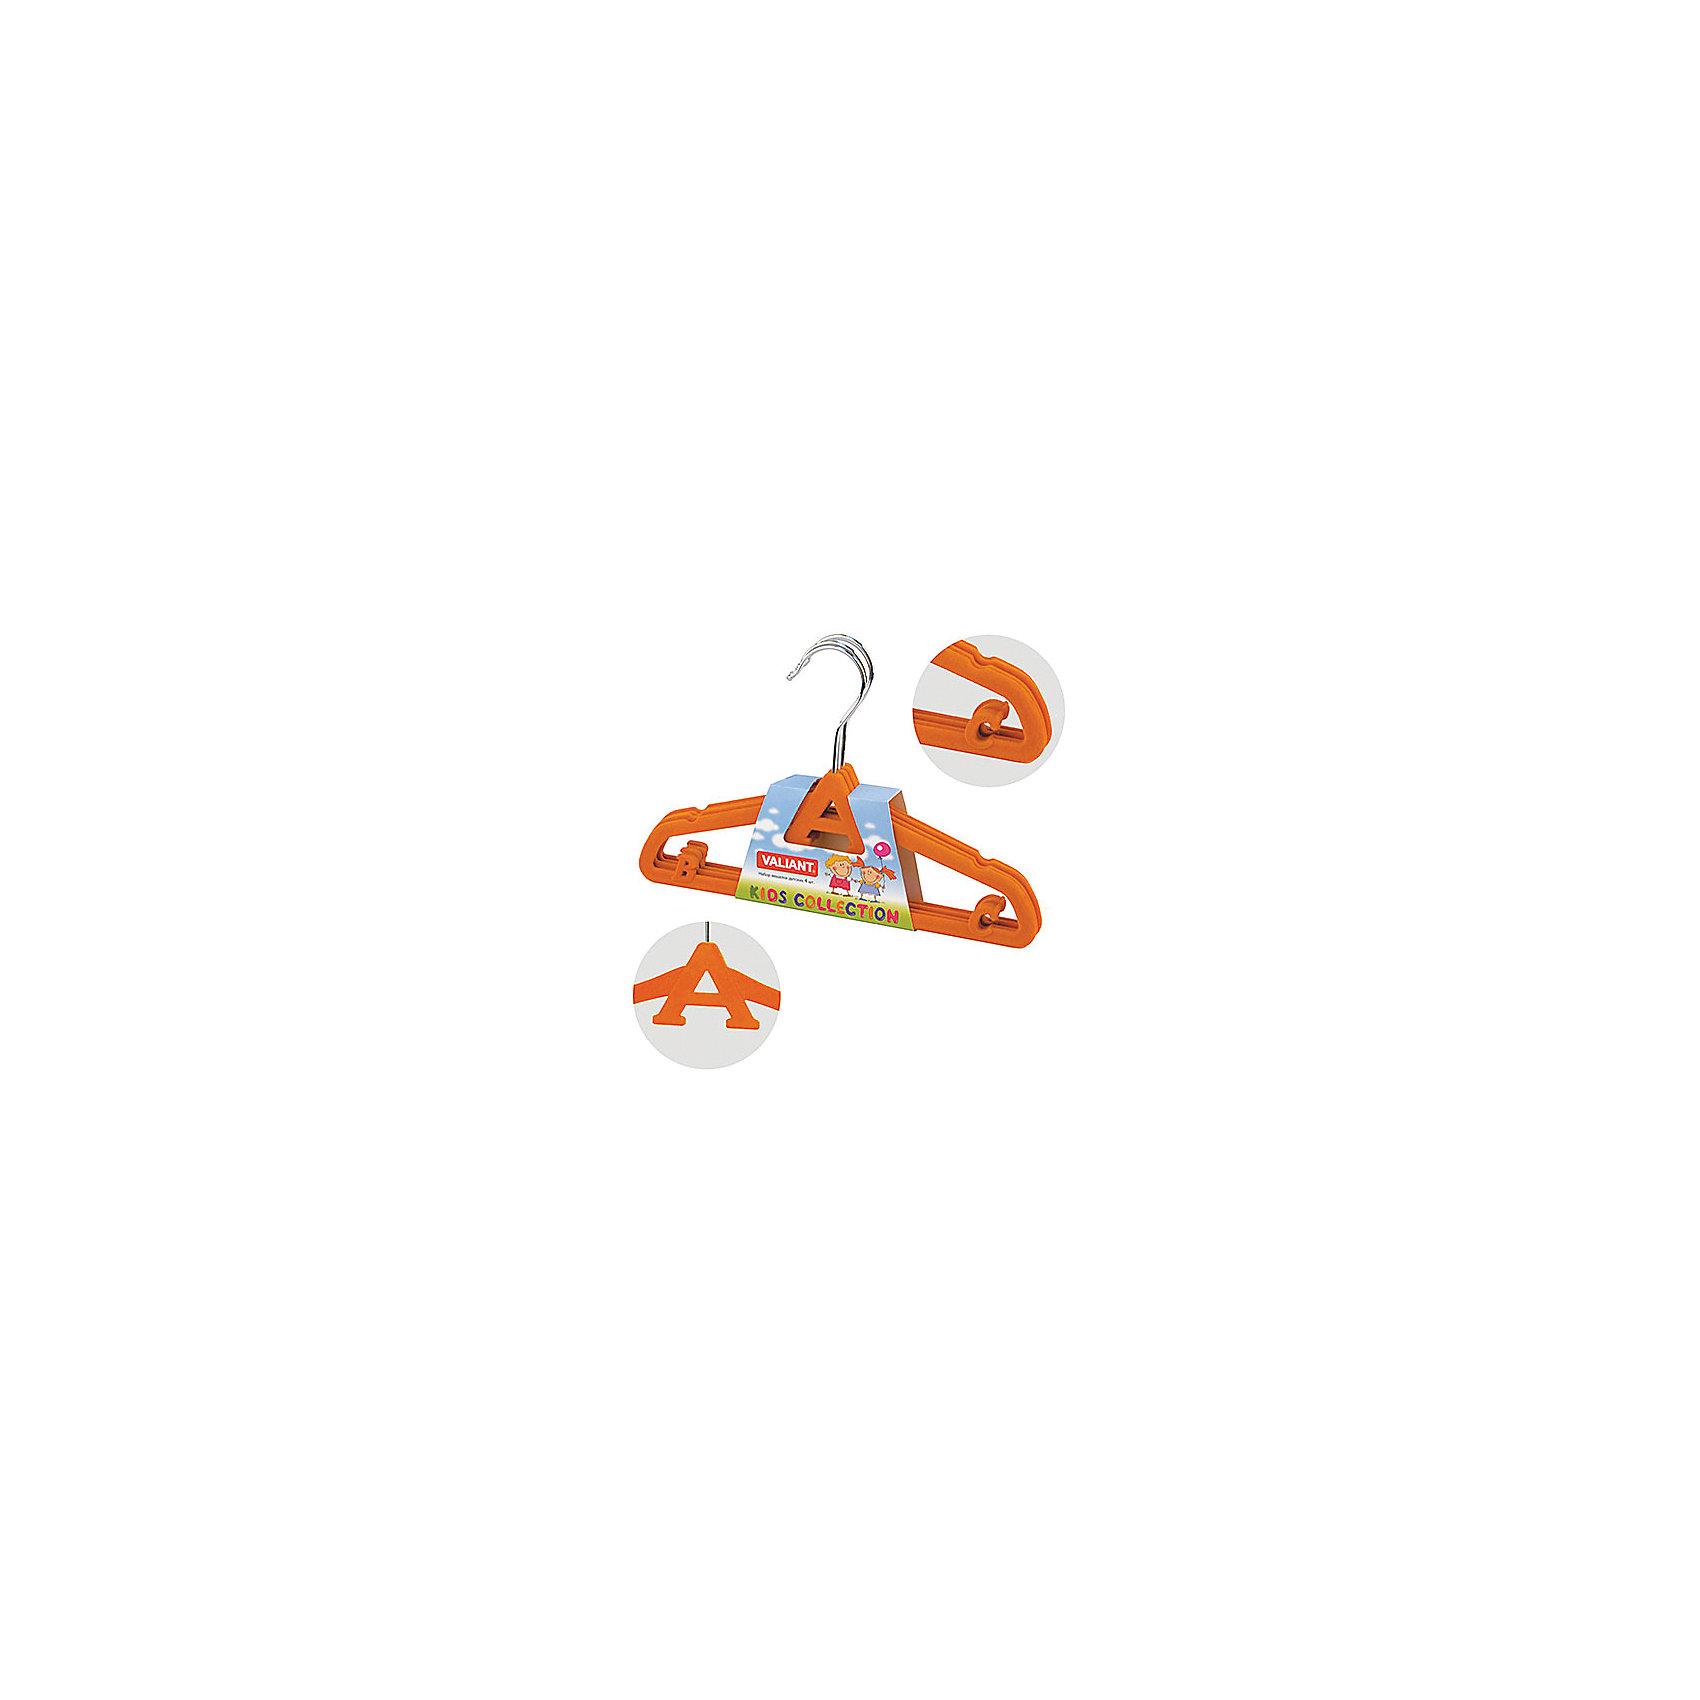 VALIANT Бархатные вешалки ABC (оранжевый), 4 шт комлев н самоучитель игры на паскале abc и немного турбо